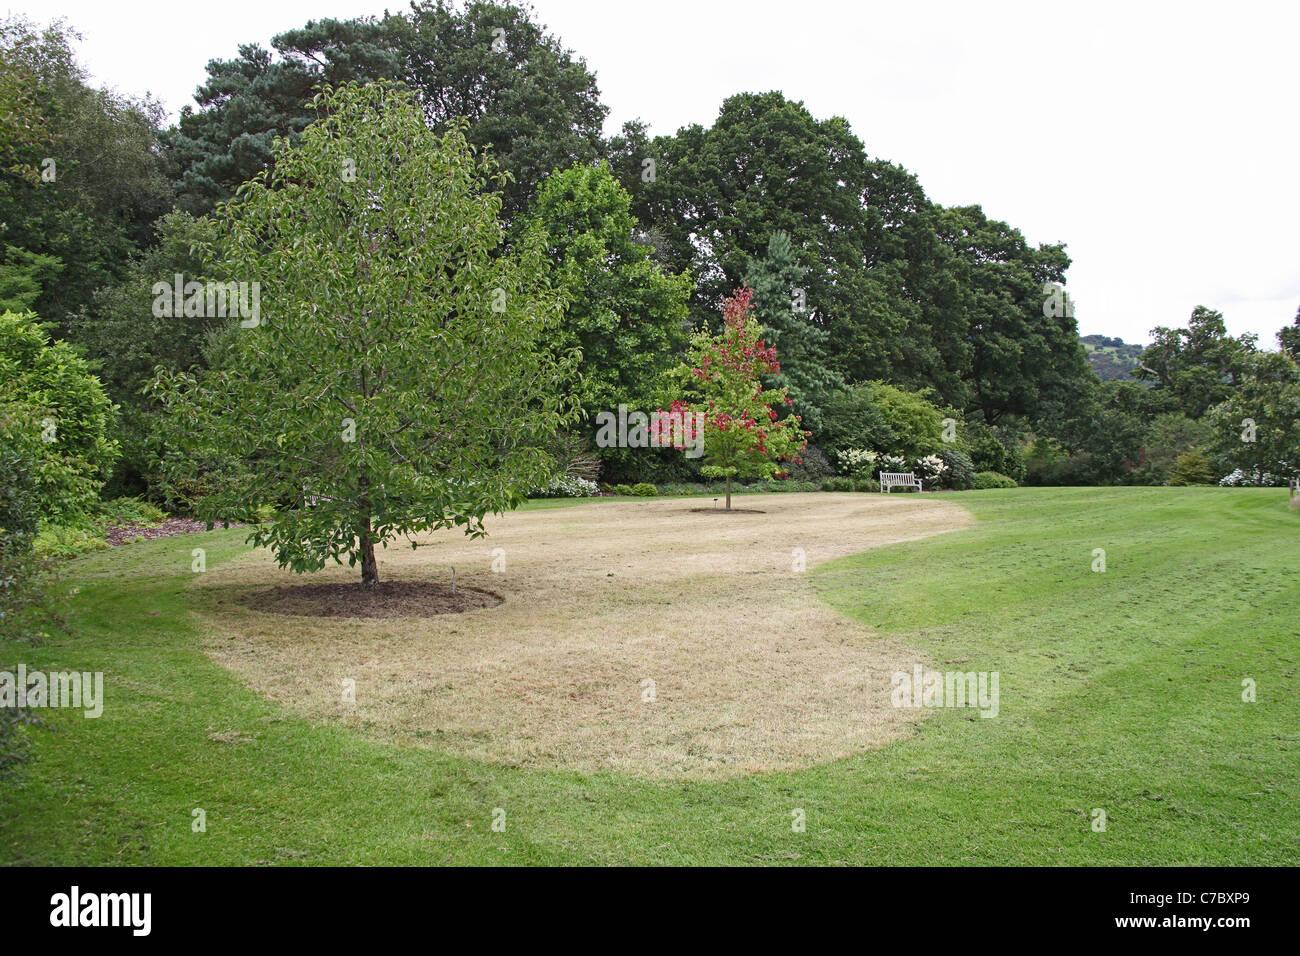 Fine il taglio di erba mostra l'area dei bulbi di prato Royal Horticultural Society Garden Rosemoor, grande Torrington, Devon, Inghilterra, Regno Unito Foto Stock